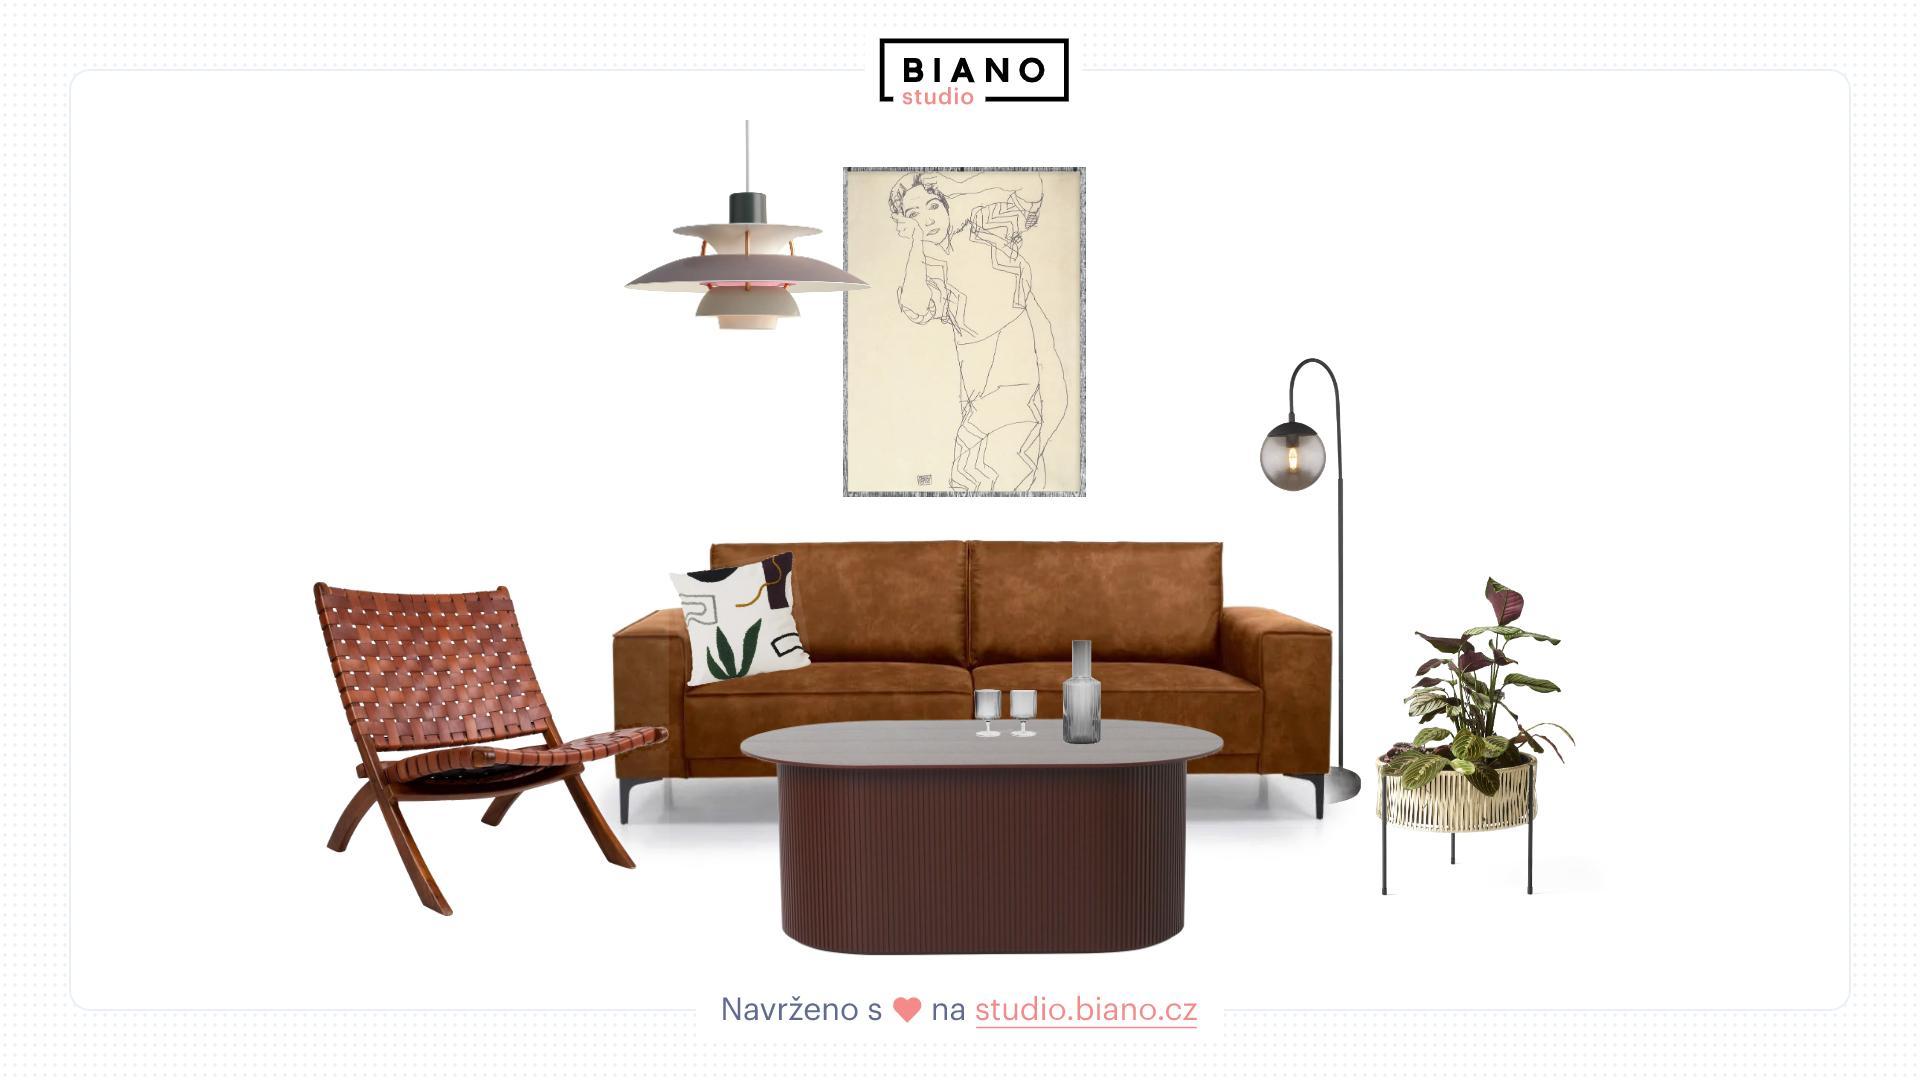 Konečně už si nemusíte vysněné bydlení jenom představovat! Slaďte k sobě nábytek a doplňky v Biano Studiu ➡ https://studio.biano.cz/ a sdílejte svůj projekt s ostatními. 👁️ Tady je malá ukázka toho, co už ostatní vytvořili 👇  Inspirujte se! - Obrázek č. 3